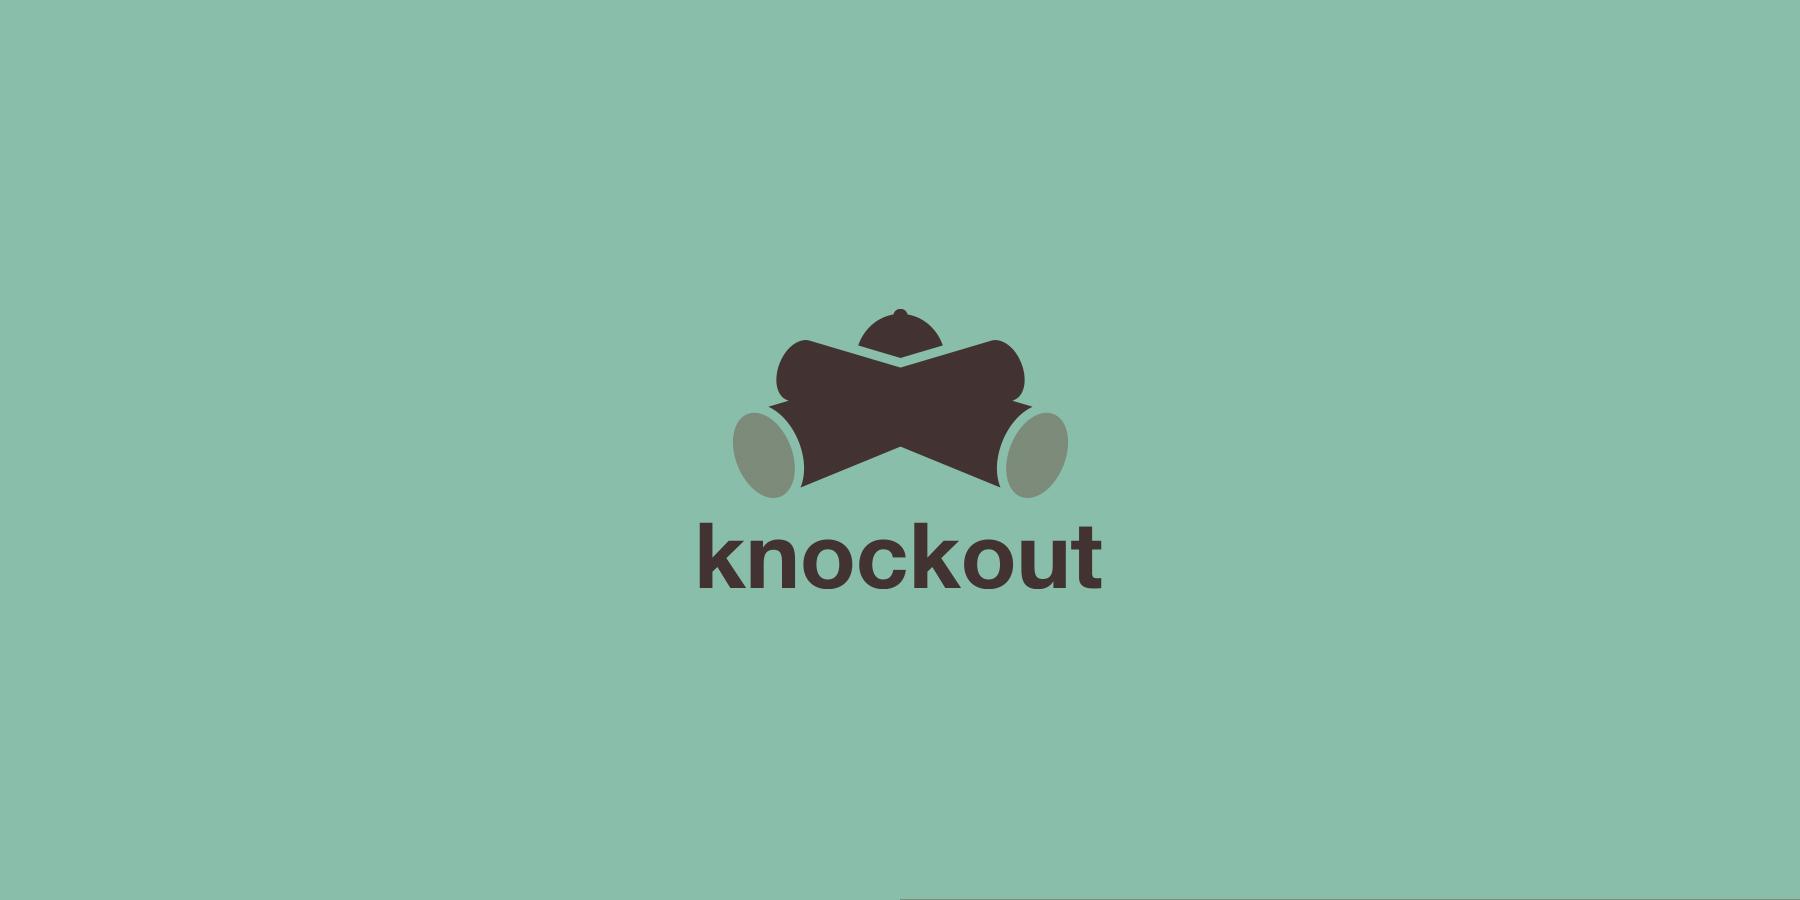 knockout-logo-design-05